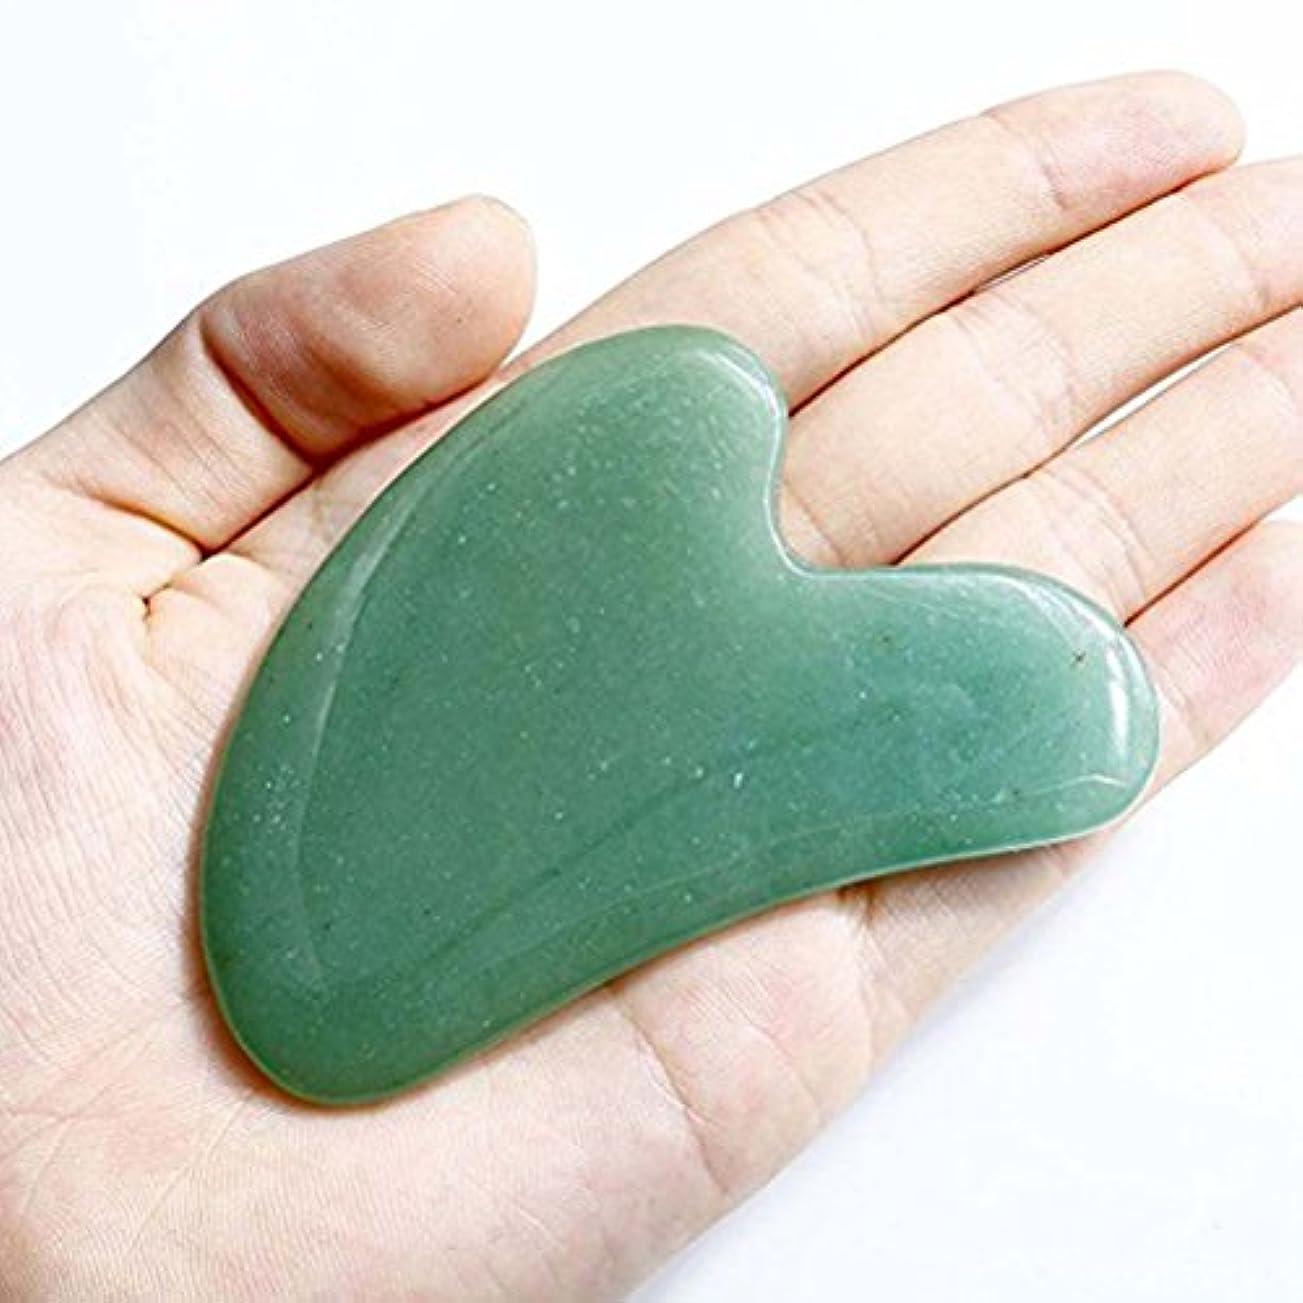 上に築きます宣言するまともなEcho & Kern Face / Body Massage Green Aventurine heart shape ハート形状かっさプレート 天然石 翡翠色(顔?ボディのリンパマッサージ) (かっさプレートH)